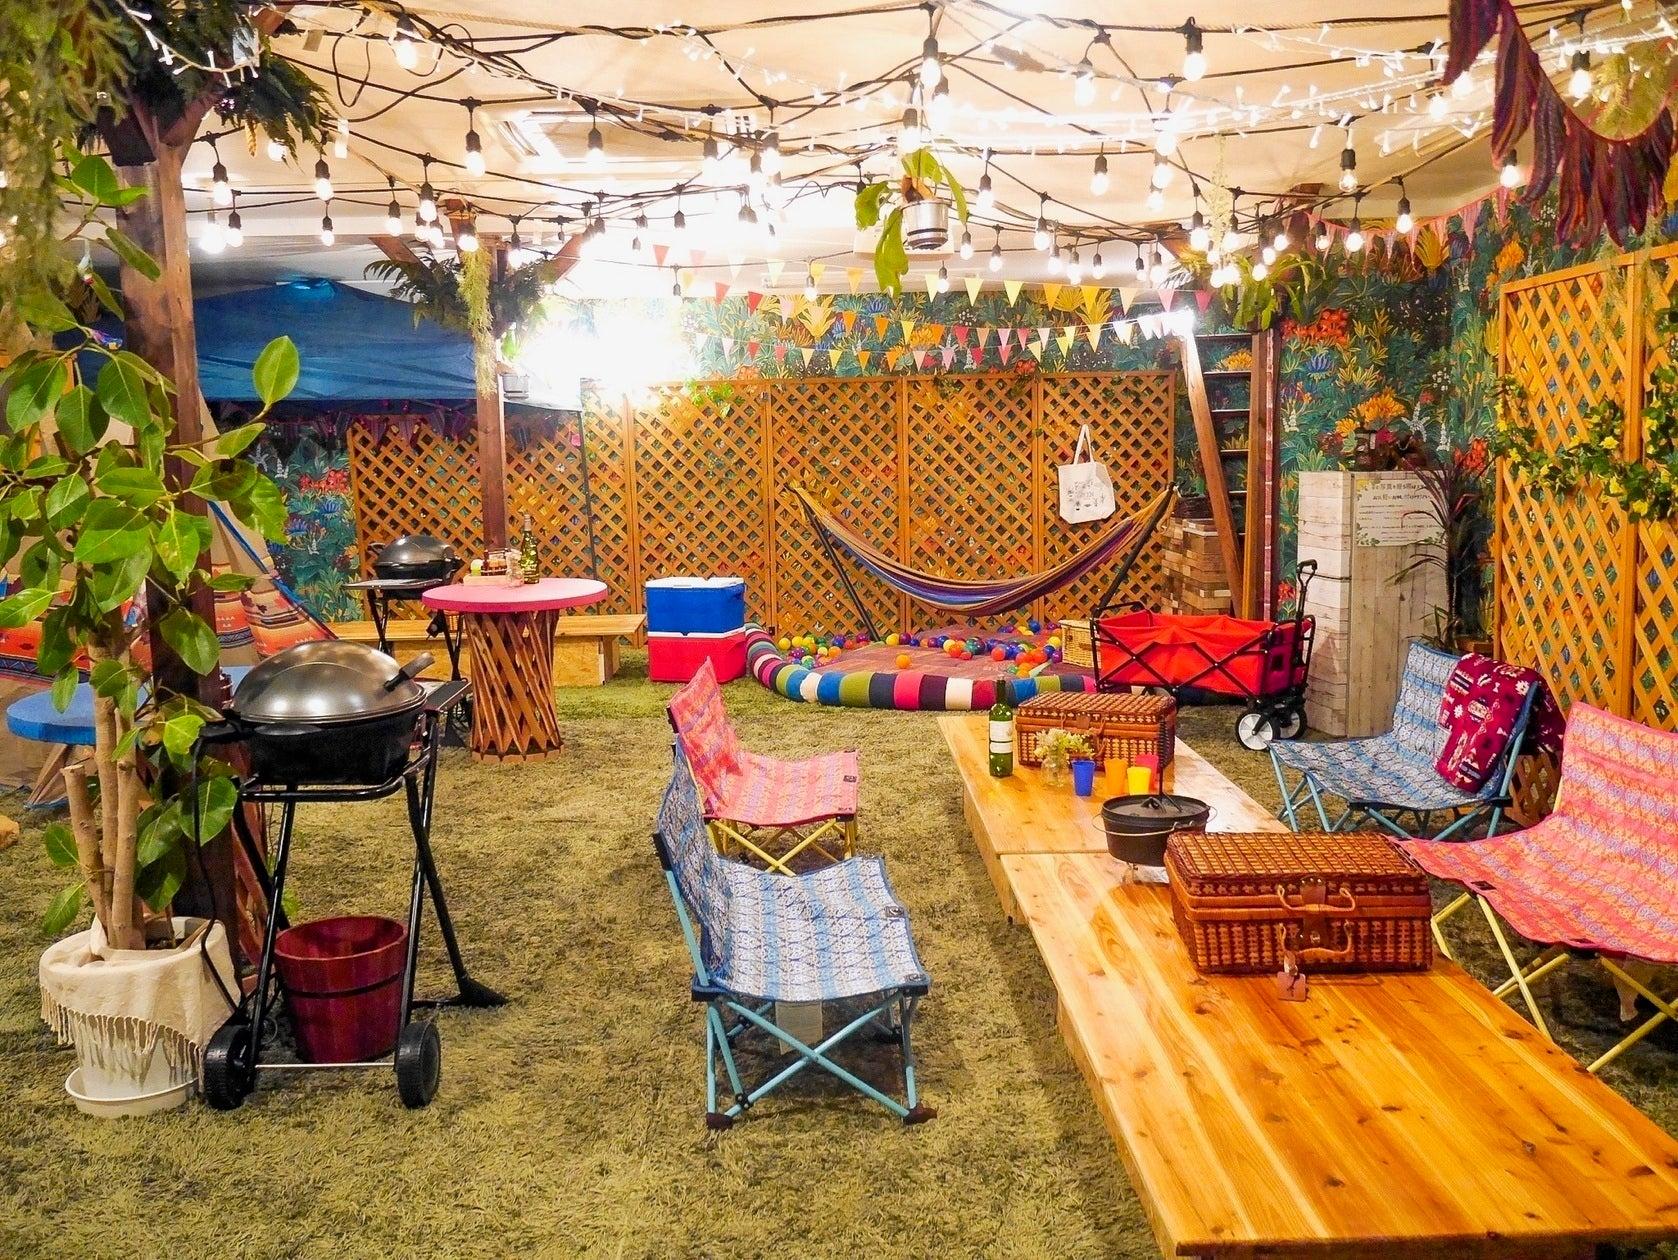 室内キャンプ・おうちキャンプができるスペースまとめ